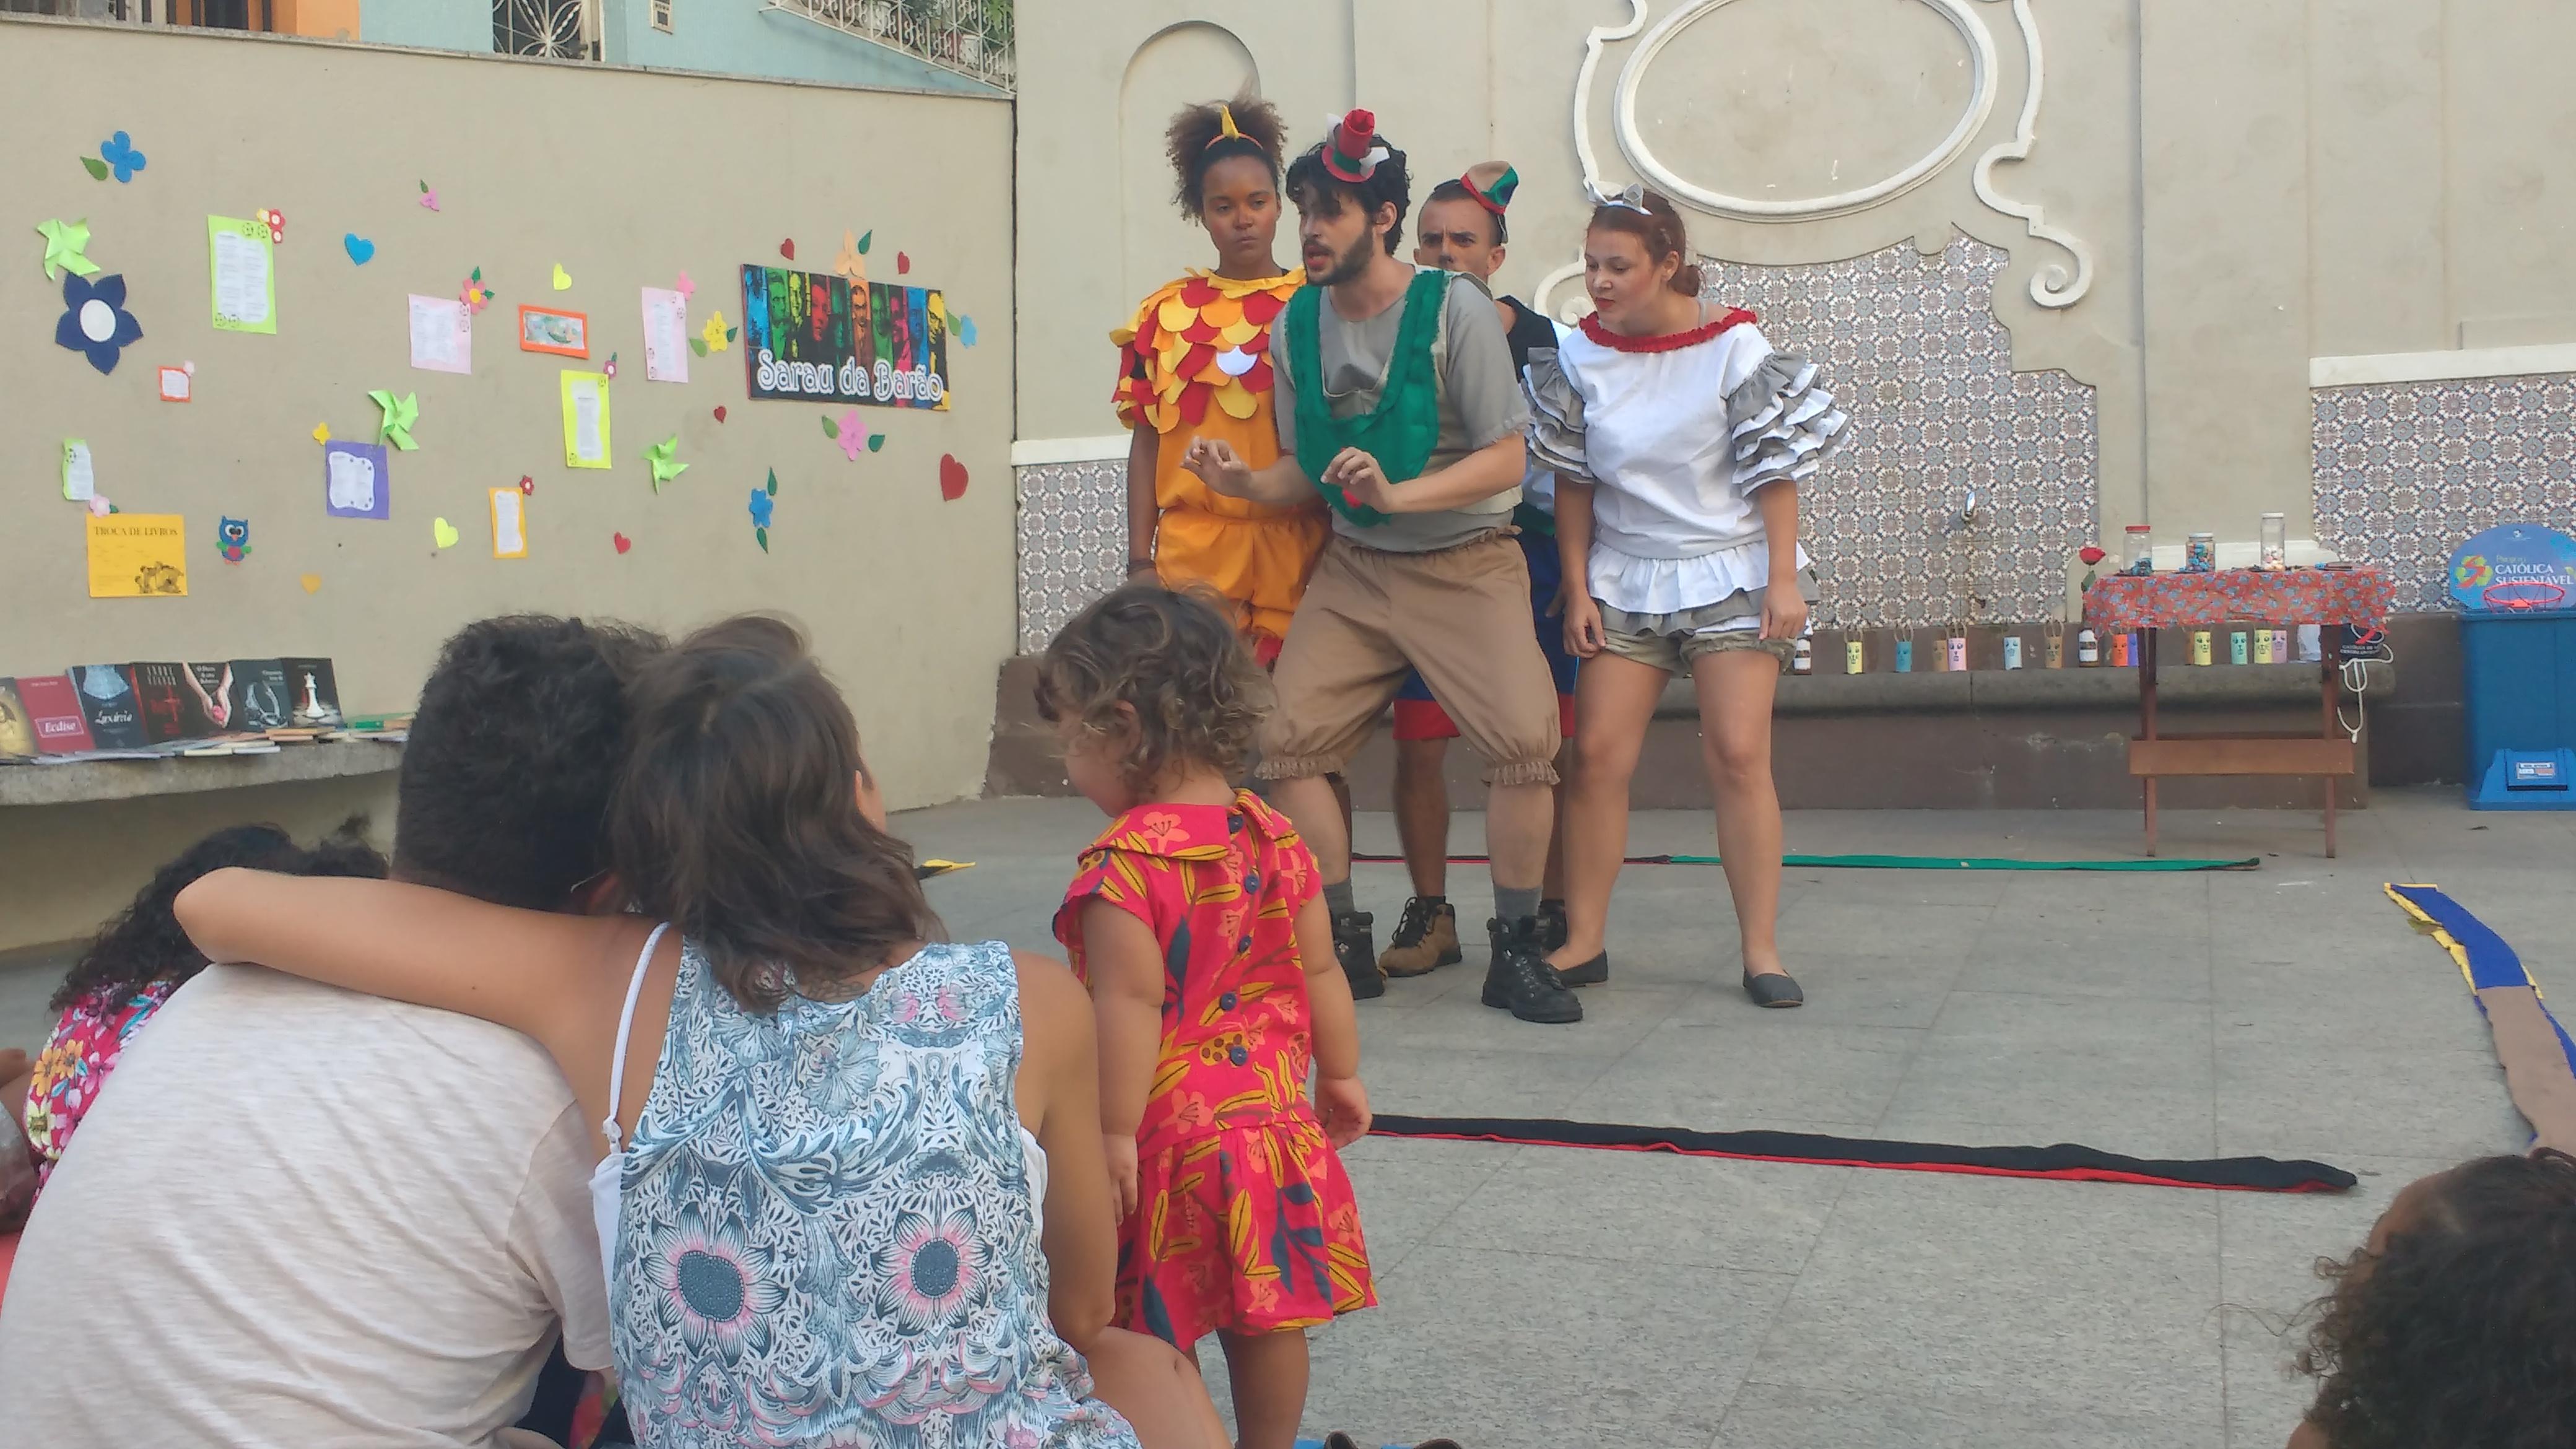 Saltimbancos se apresentam no Centro Cultural Sesc Glória (Foto: David Rocha)